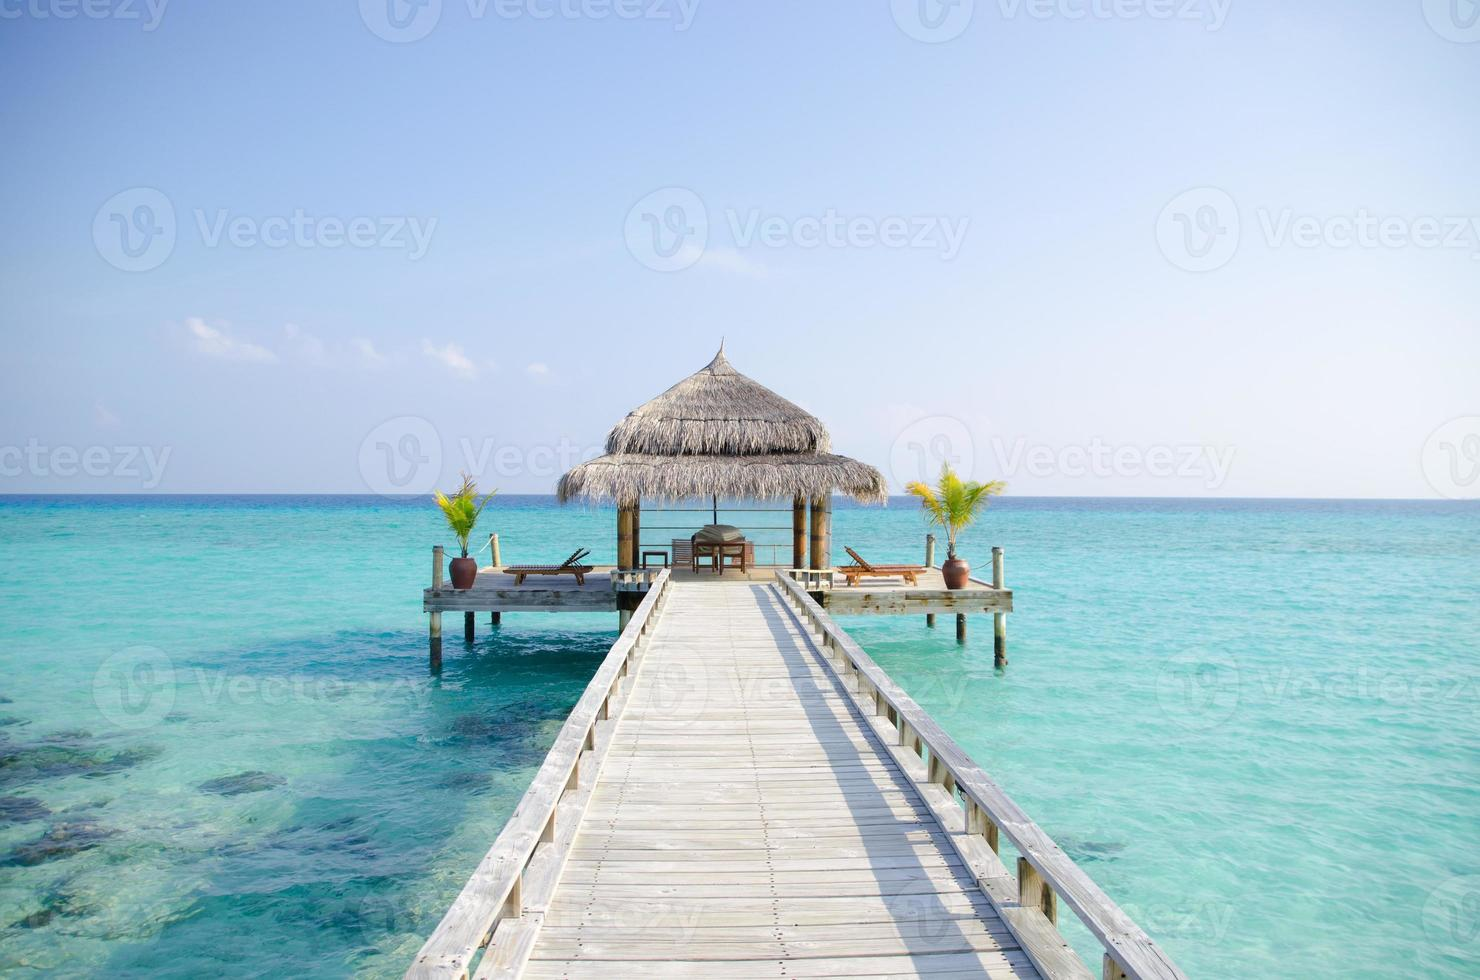 tropische eilanddroom foto